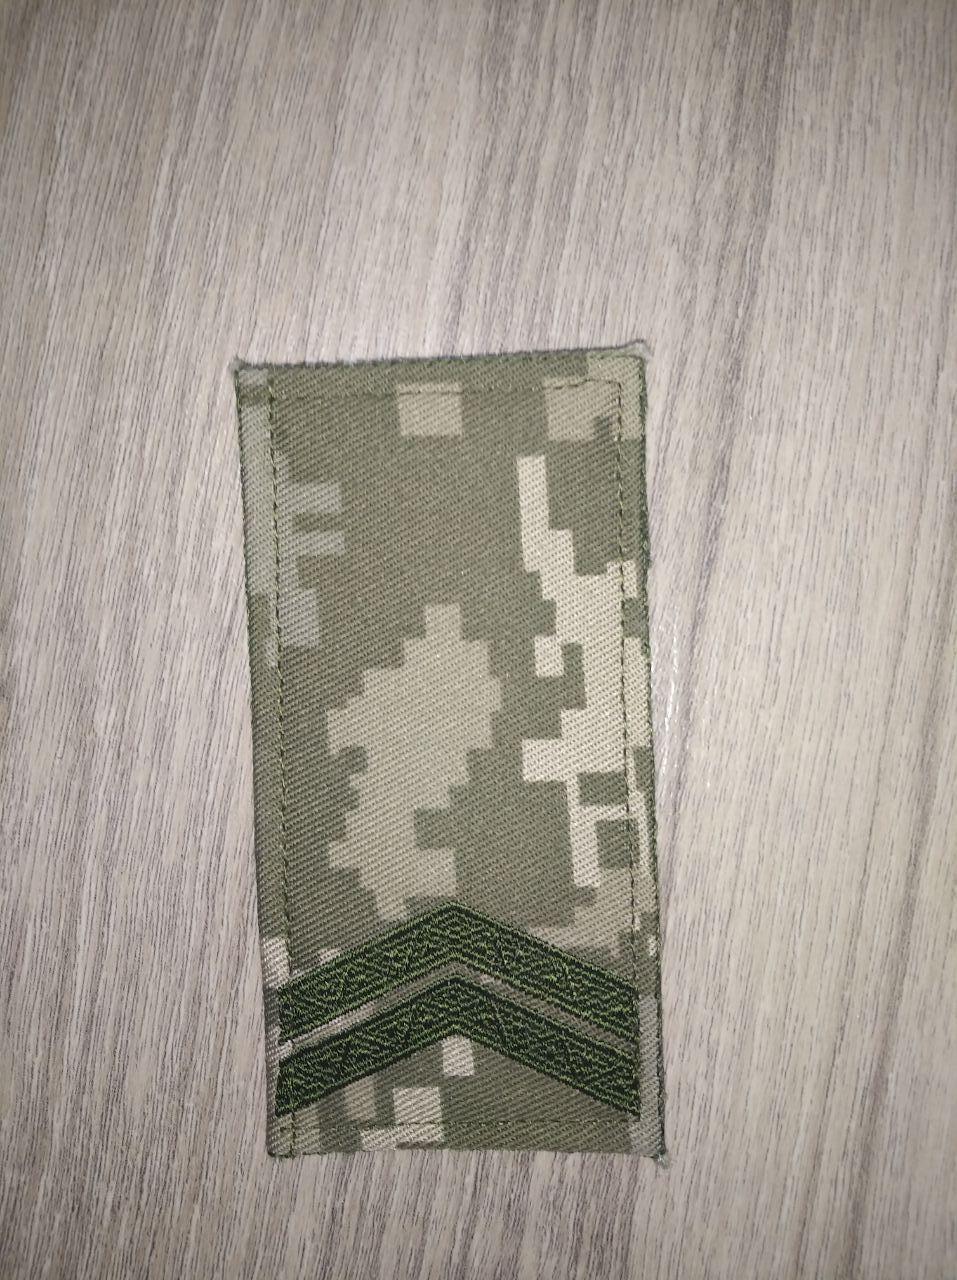 """Погон ЗСУ """"Младший сержант""""(на липучке)"""